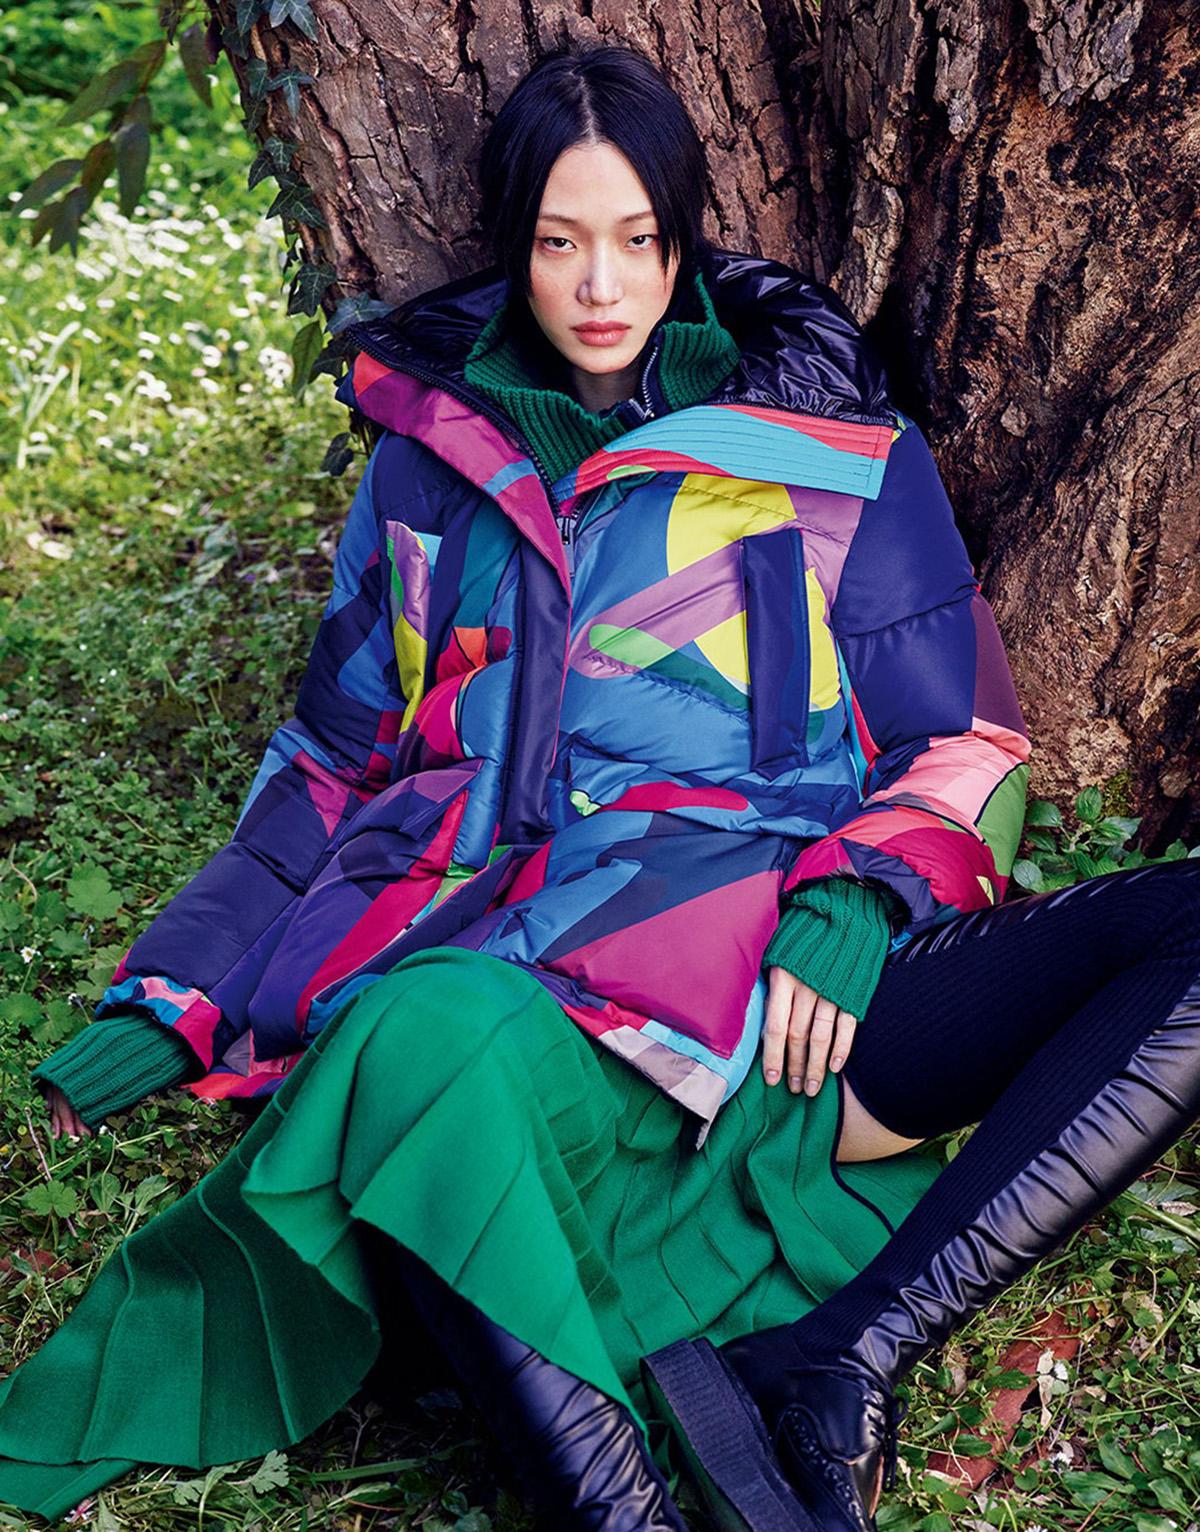 Vogue Japan September 2021 cover by Luigi & Iango